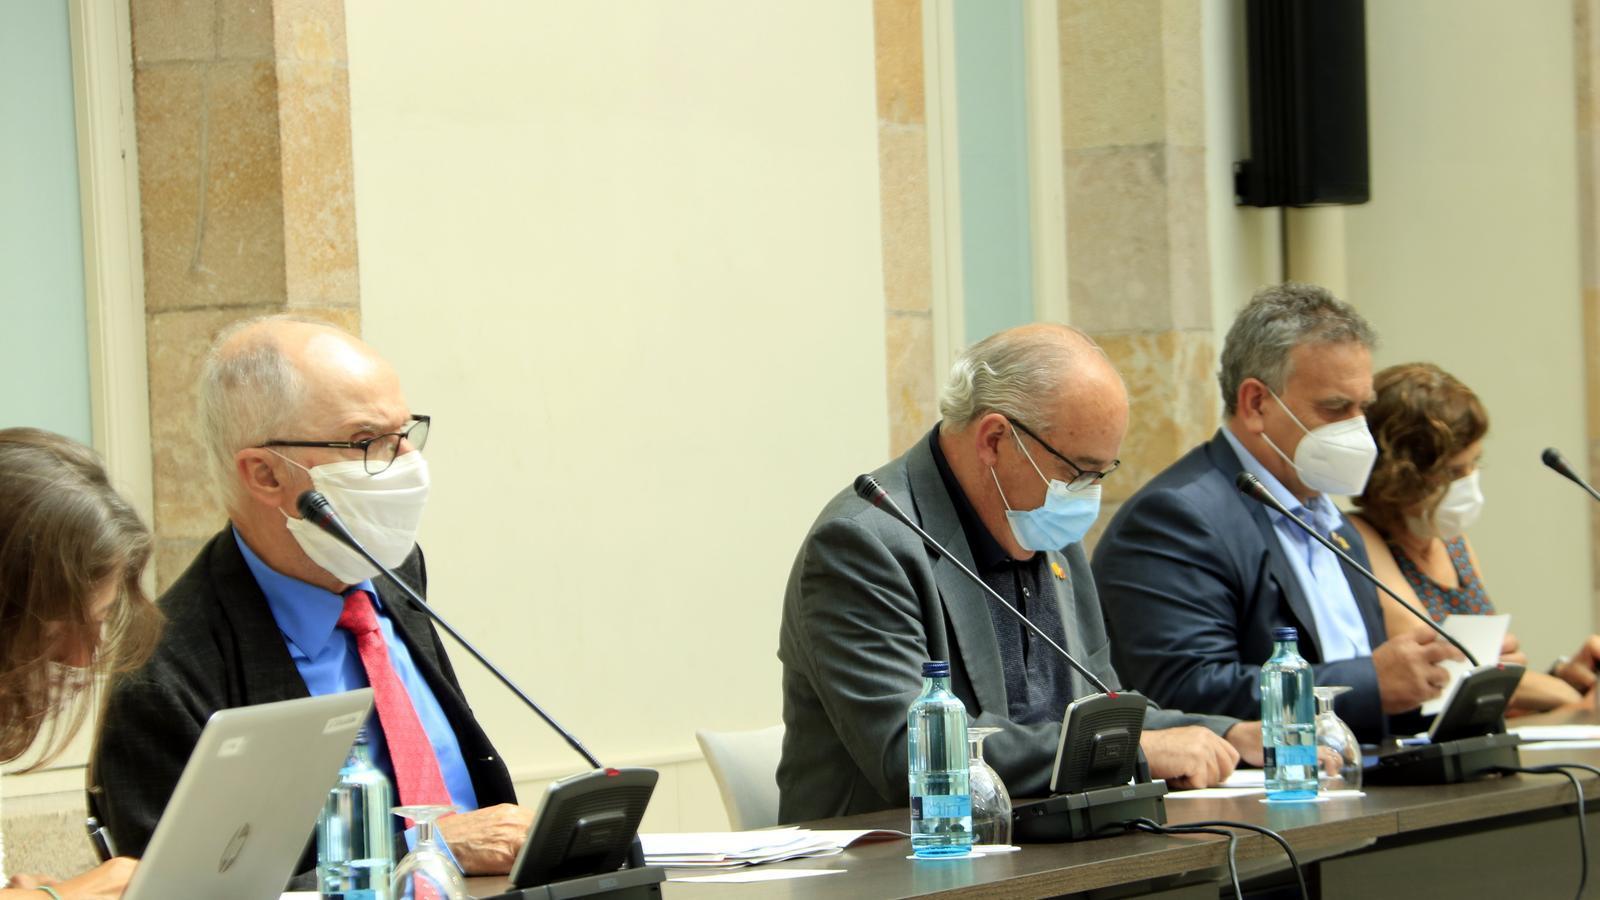 Falten 1.163 milions d'euros públics per garantir que l'escola sigui gratuïta